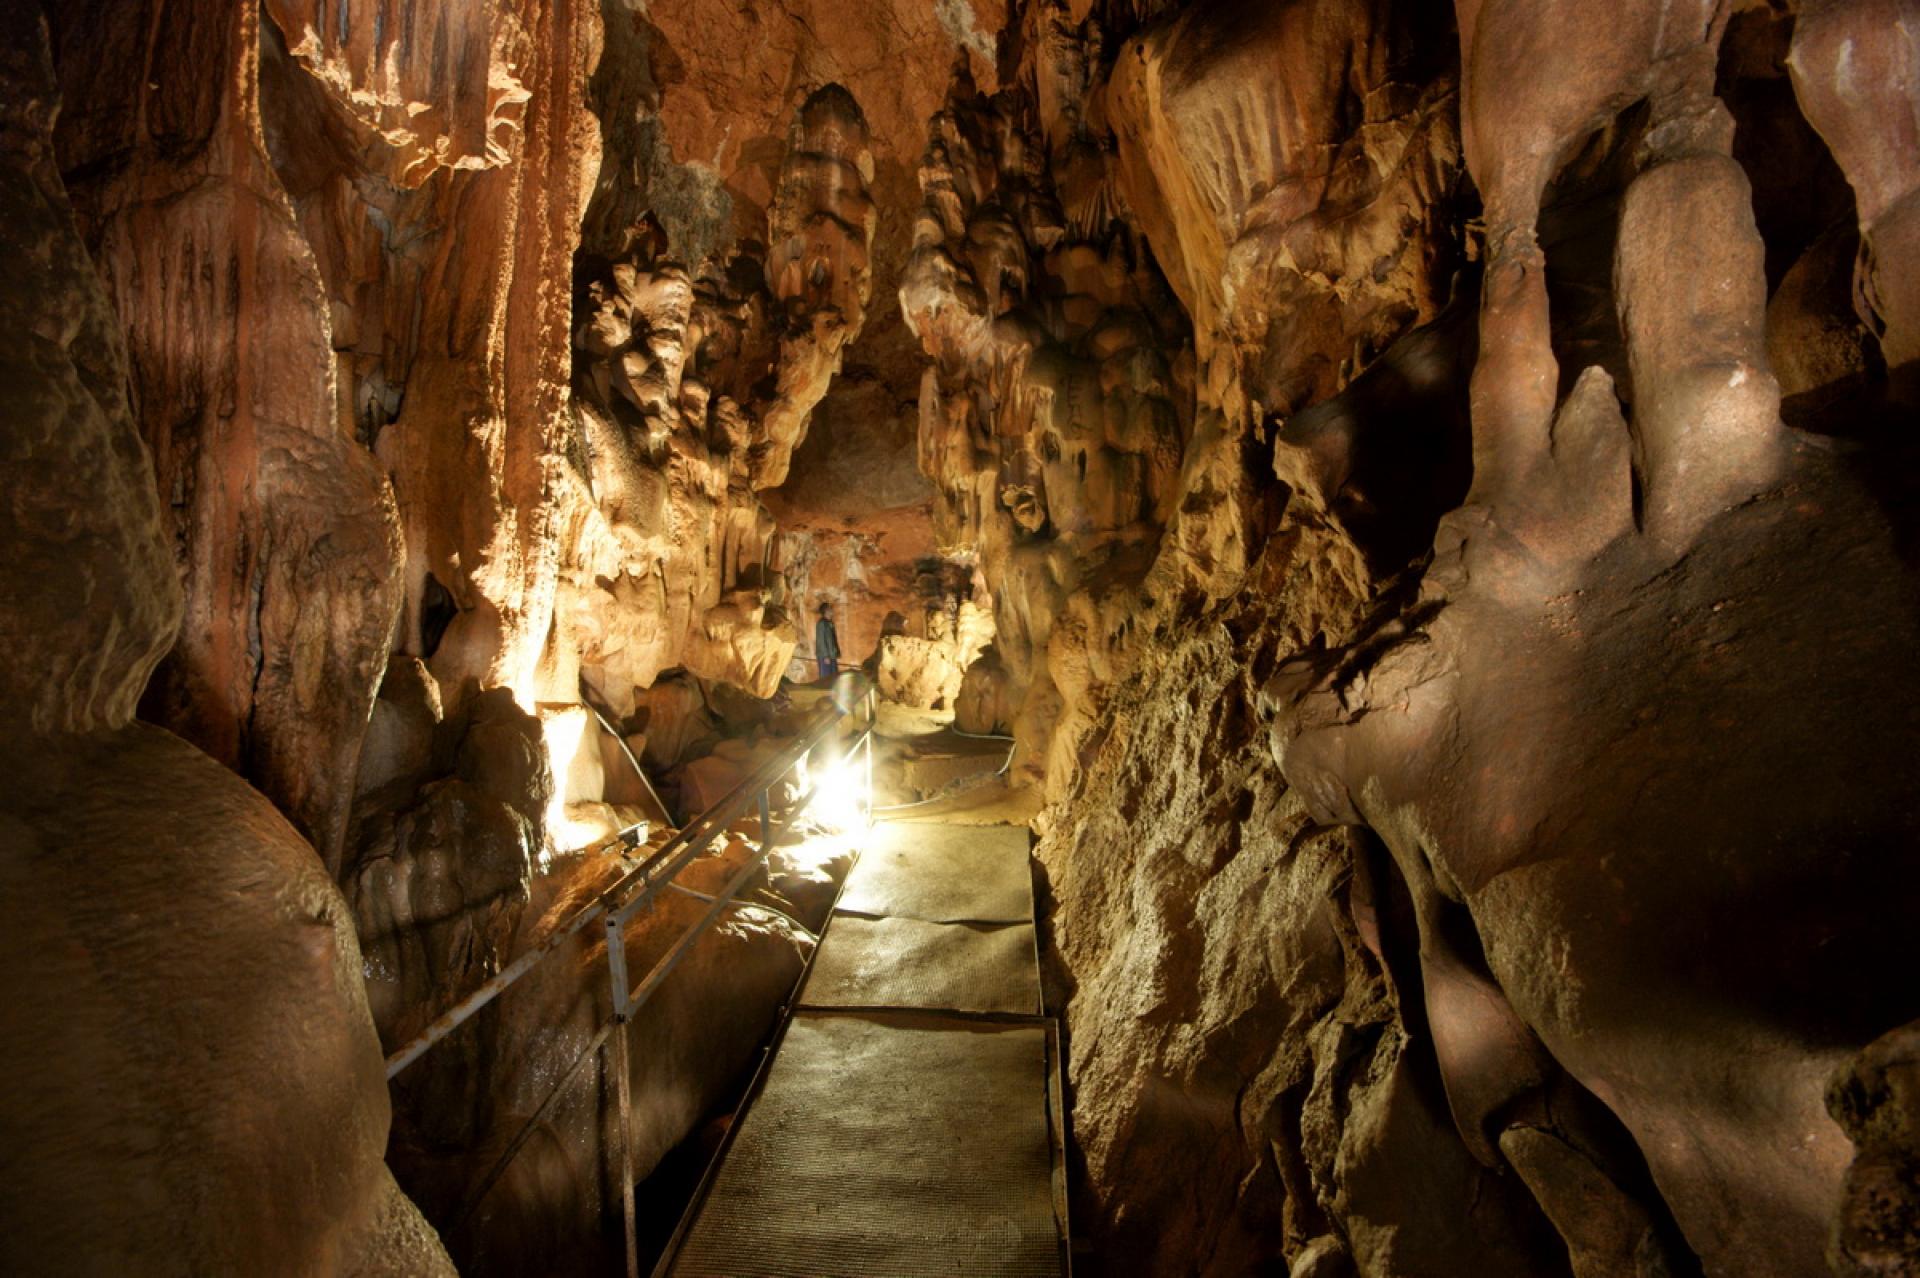 скельская пещера фото относительно небольшую высоту